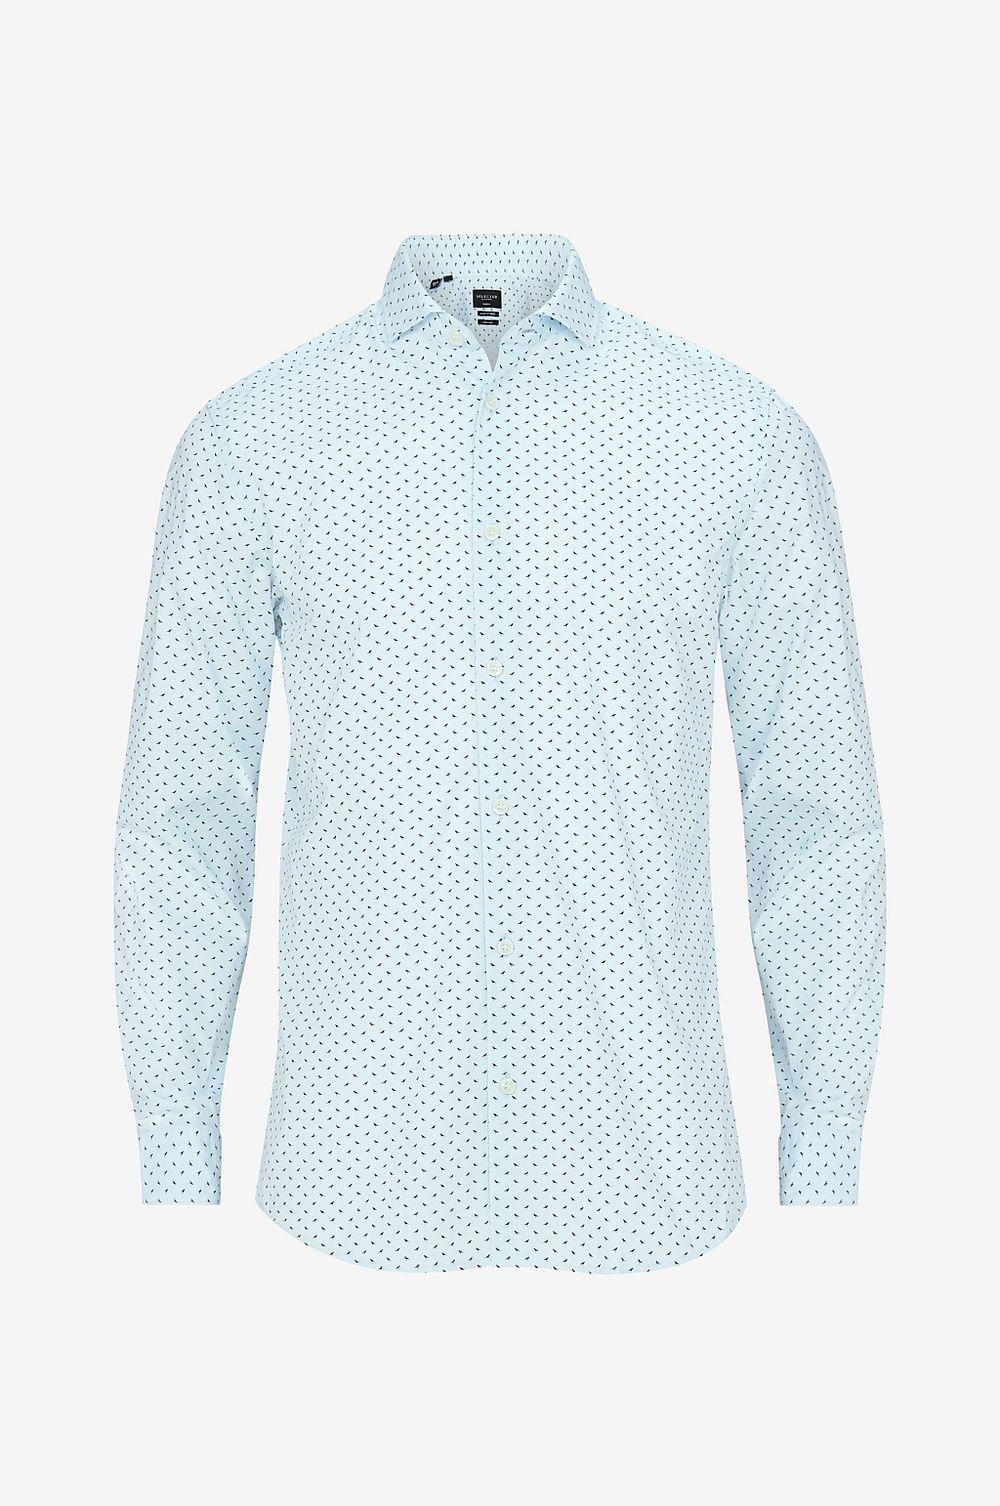 130fa529 Selected HOMME Skjorta slhSlimsel-flow - - Herr Shirt Blå nojrkr3625 ...